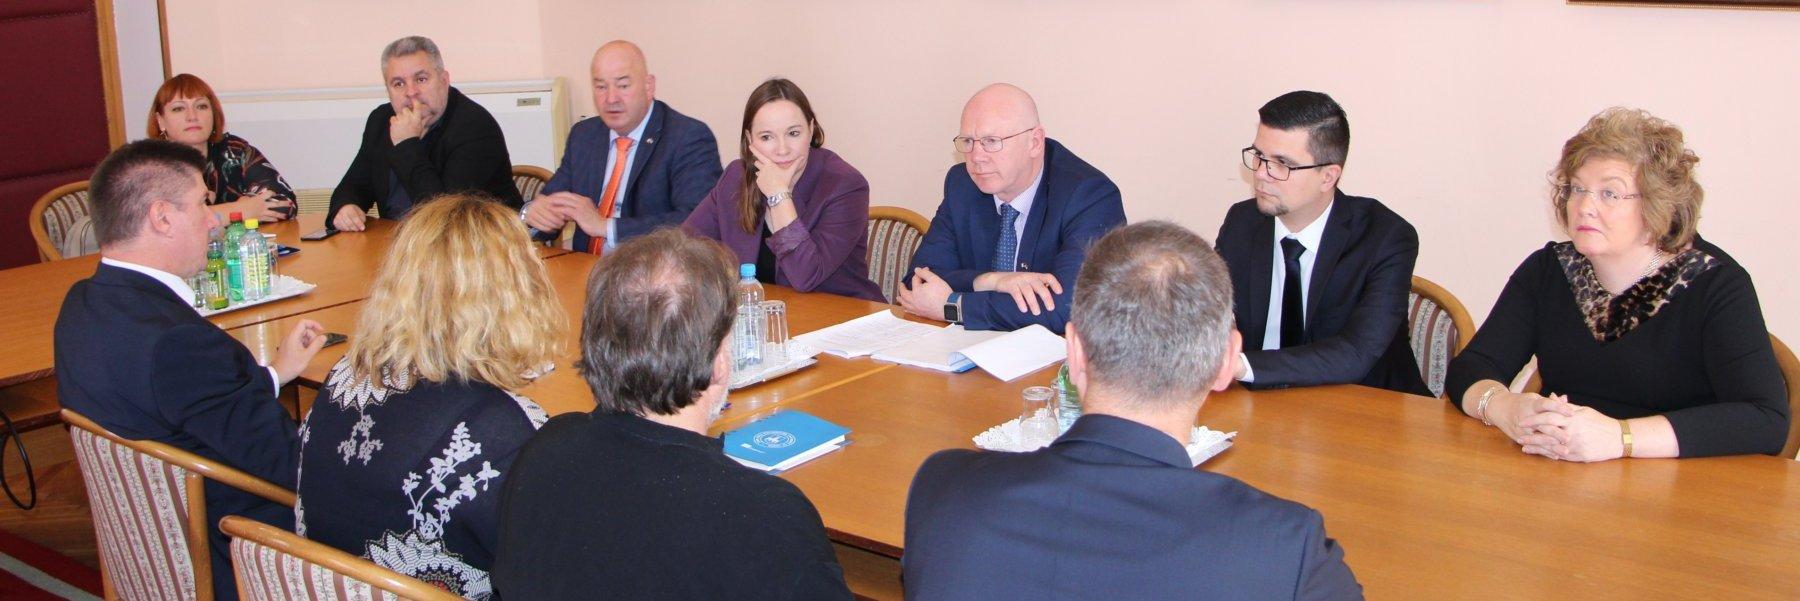 Predstavnici parlamenta Irske u posjetu Rektoratu Sveučilišta u Osijeku